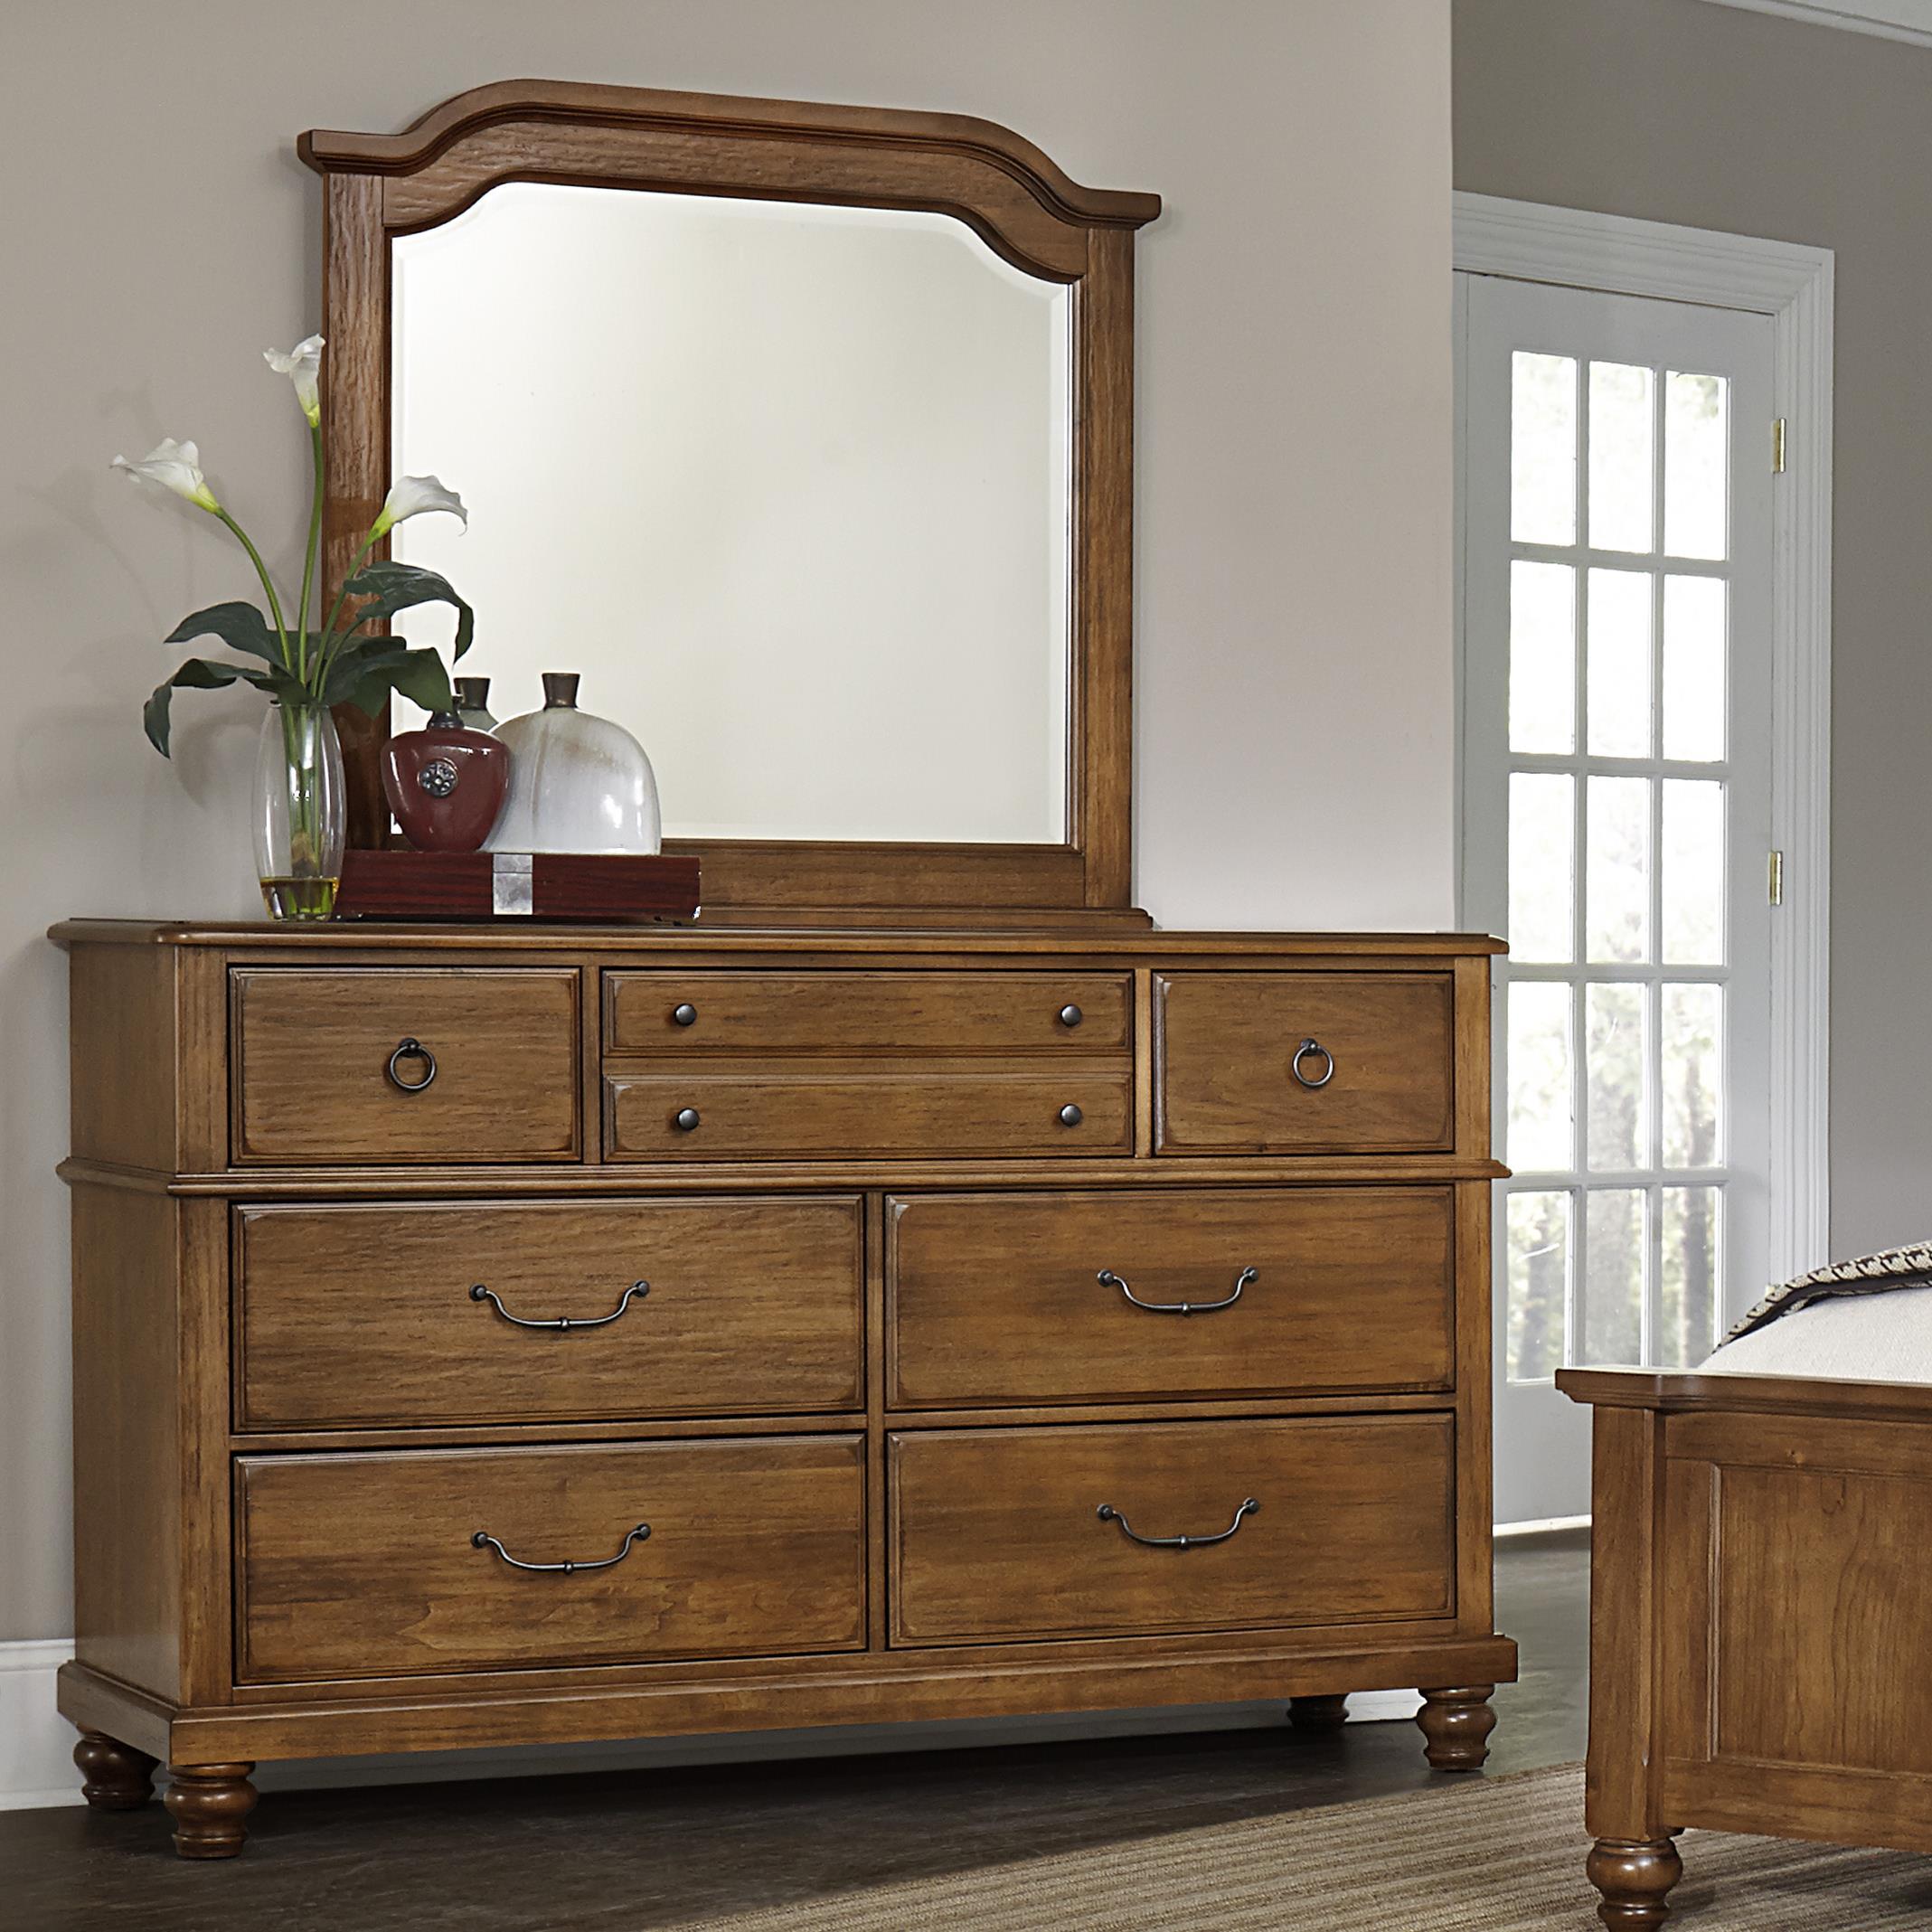 Vaughan Bassett Arrendelle Dresser & Mirror - Item Number: 440-002+446